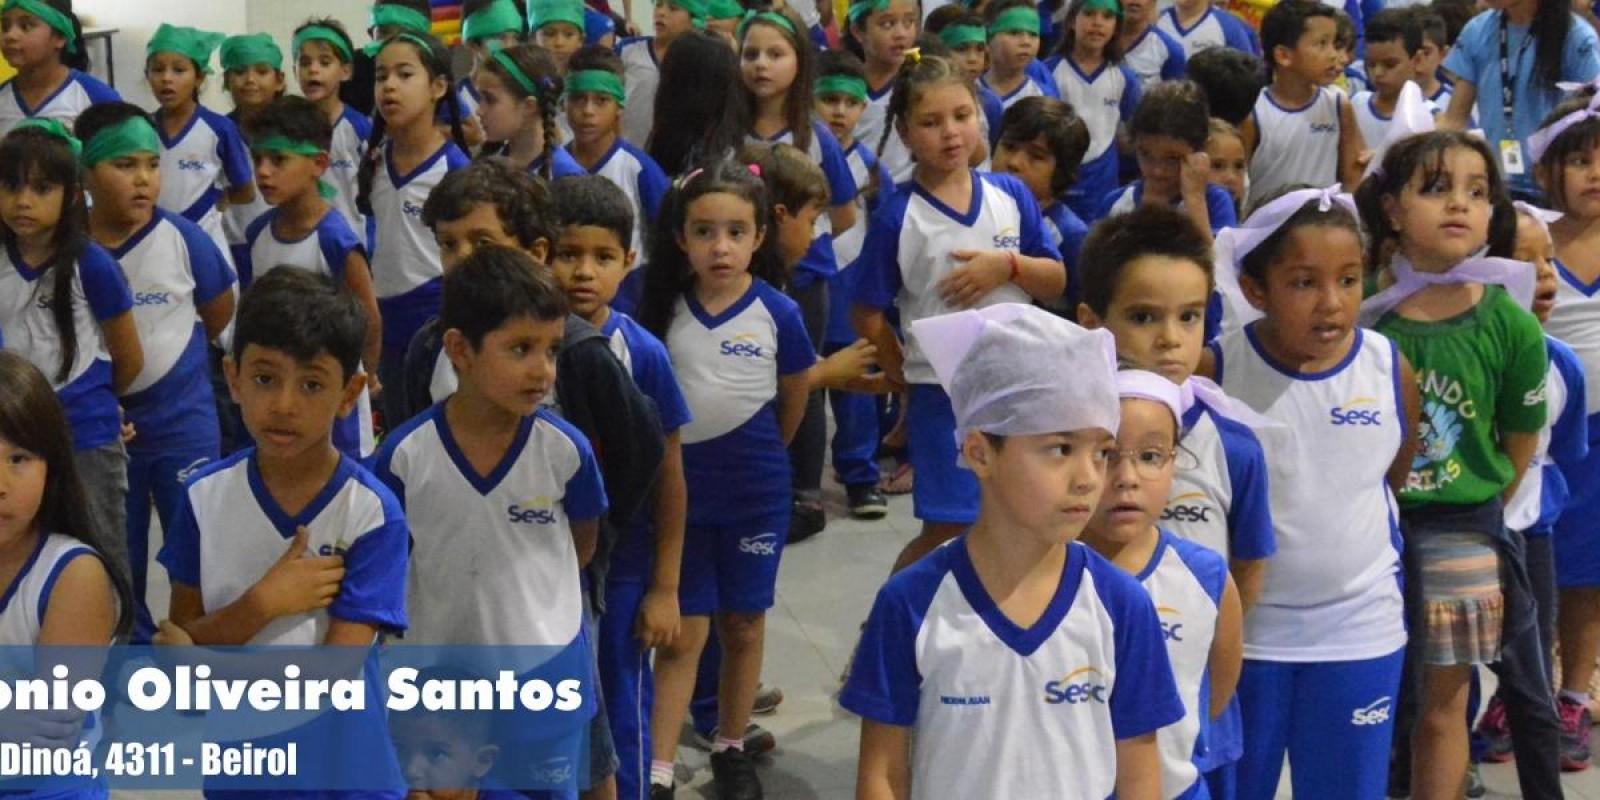 Escola Sesc Antônio Oliveira Santos